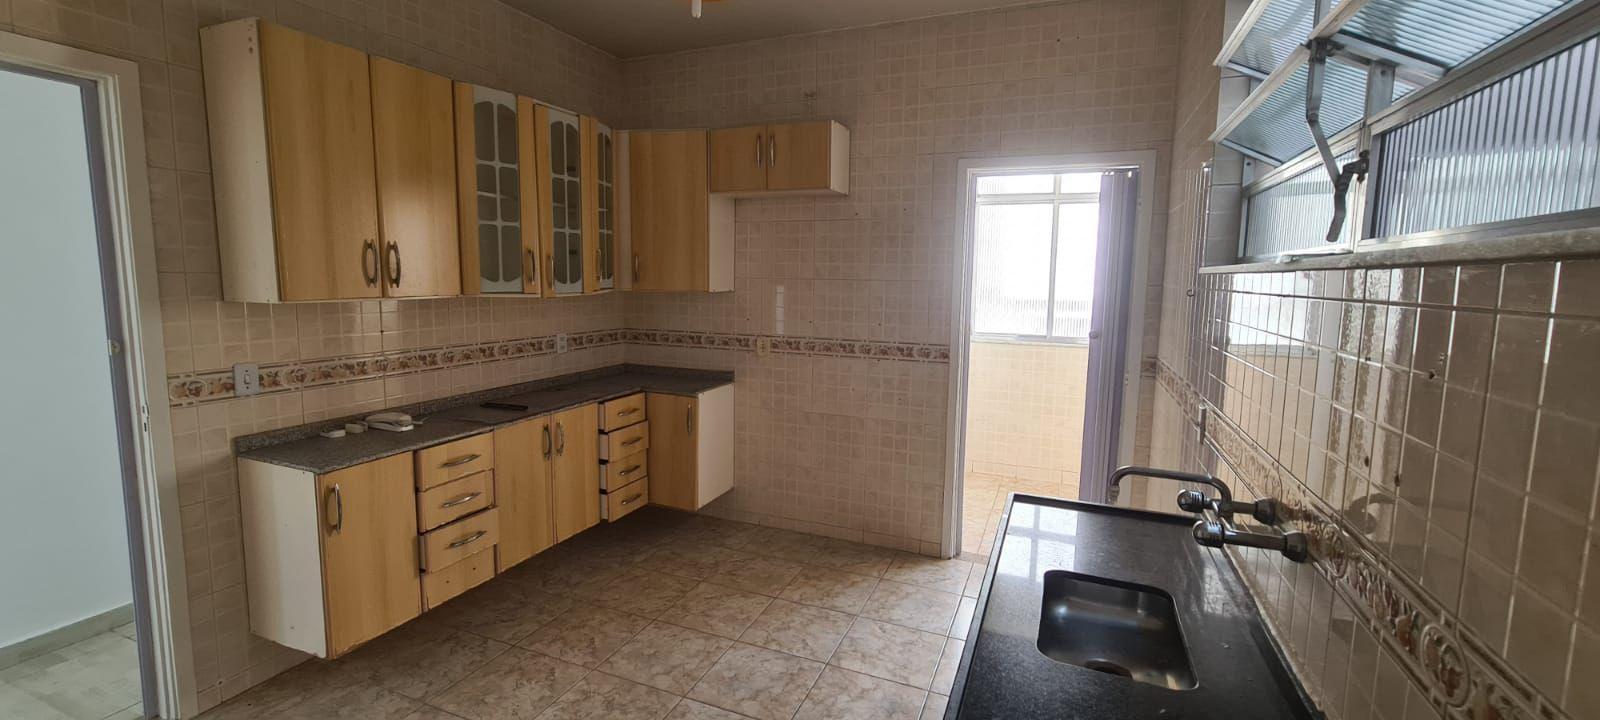 Cozinha - Apartamento 2 quartos à venda Rio de Janeiro,RJ - R$ 480.000 - 109 - 8